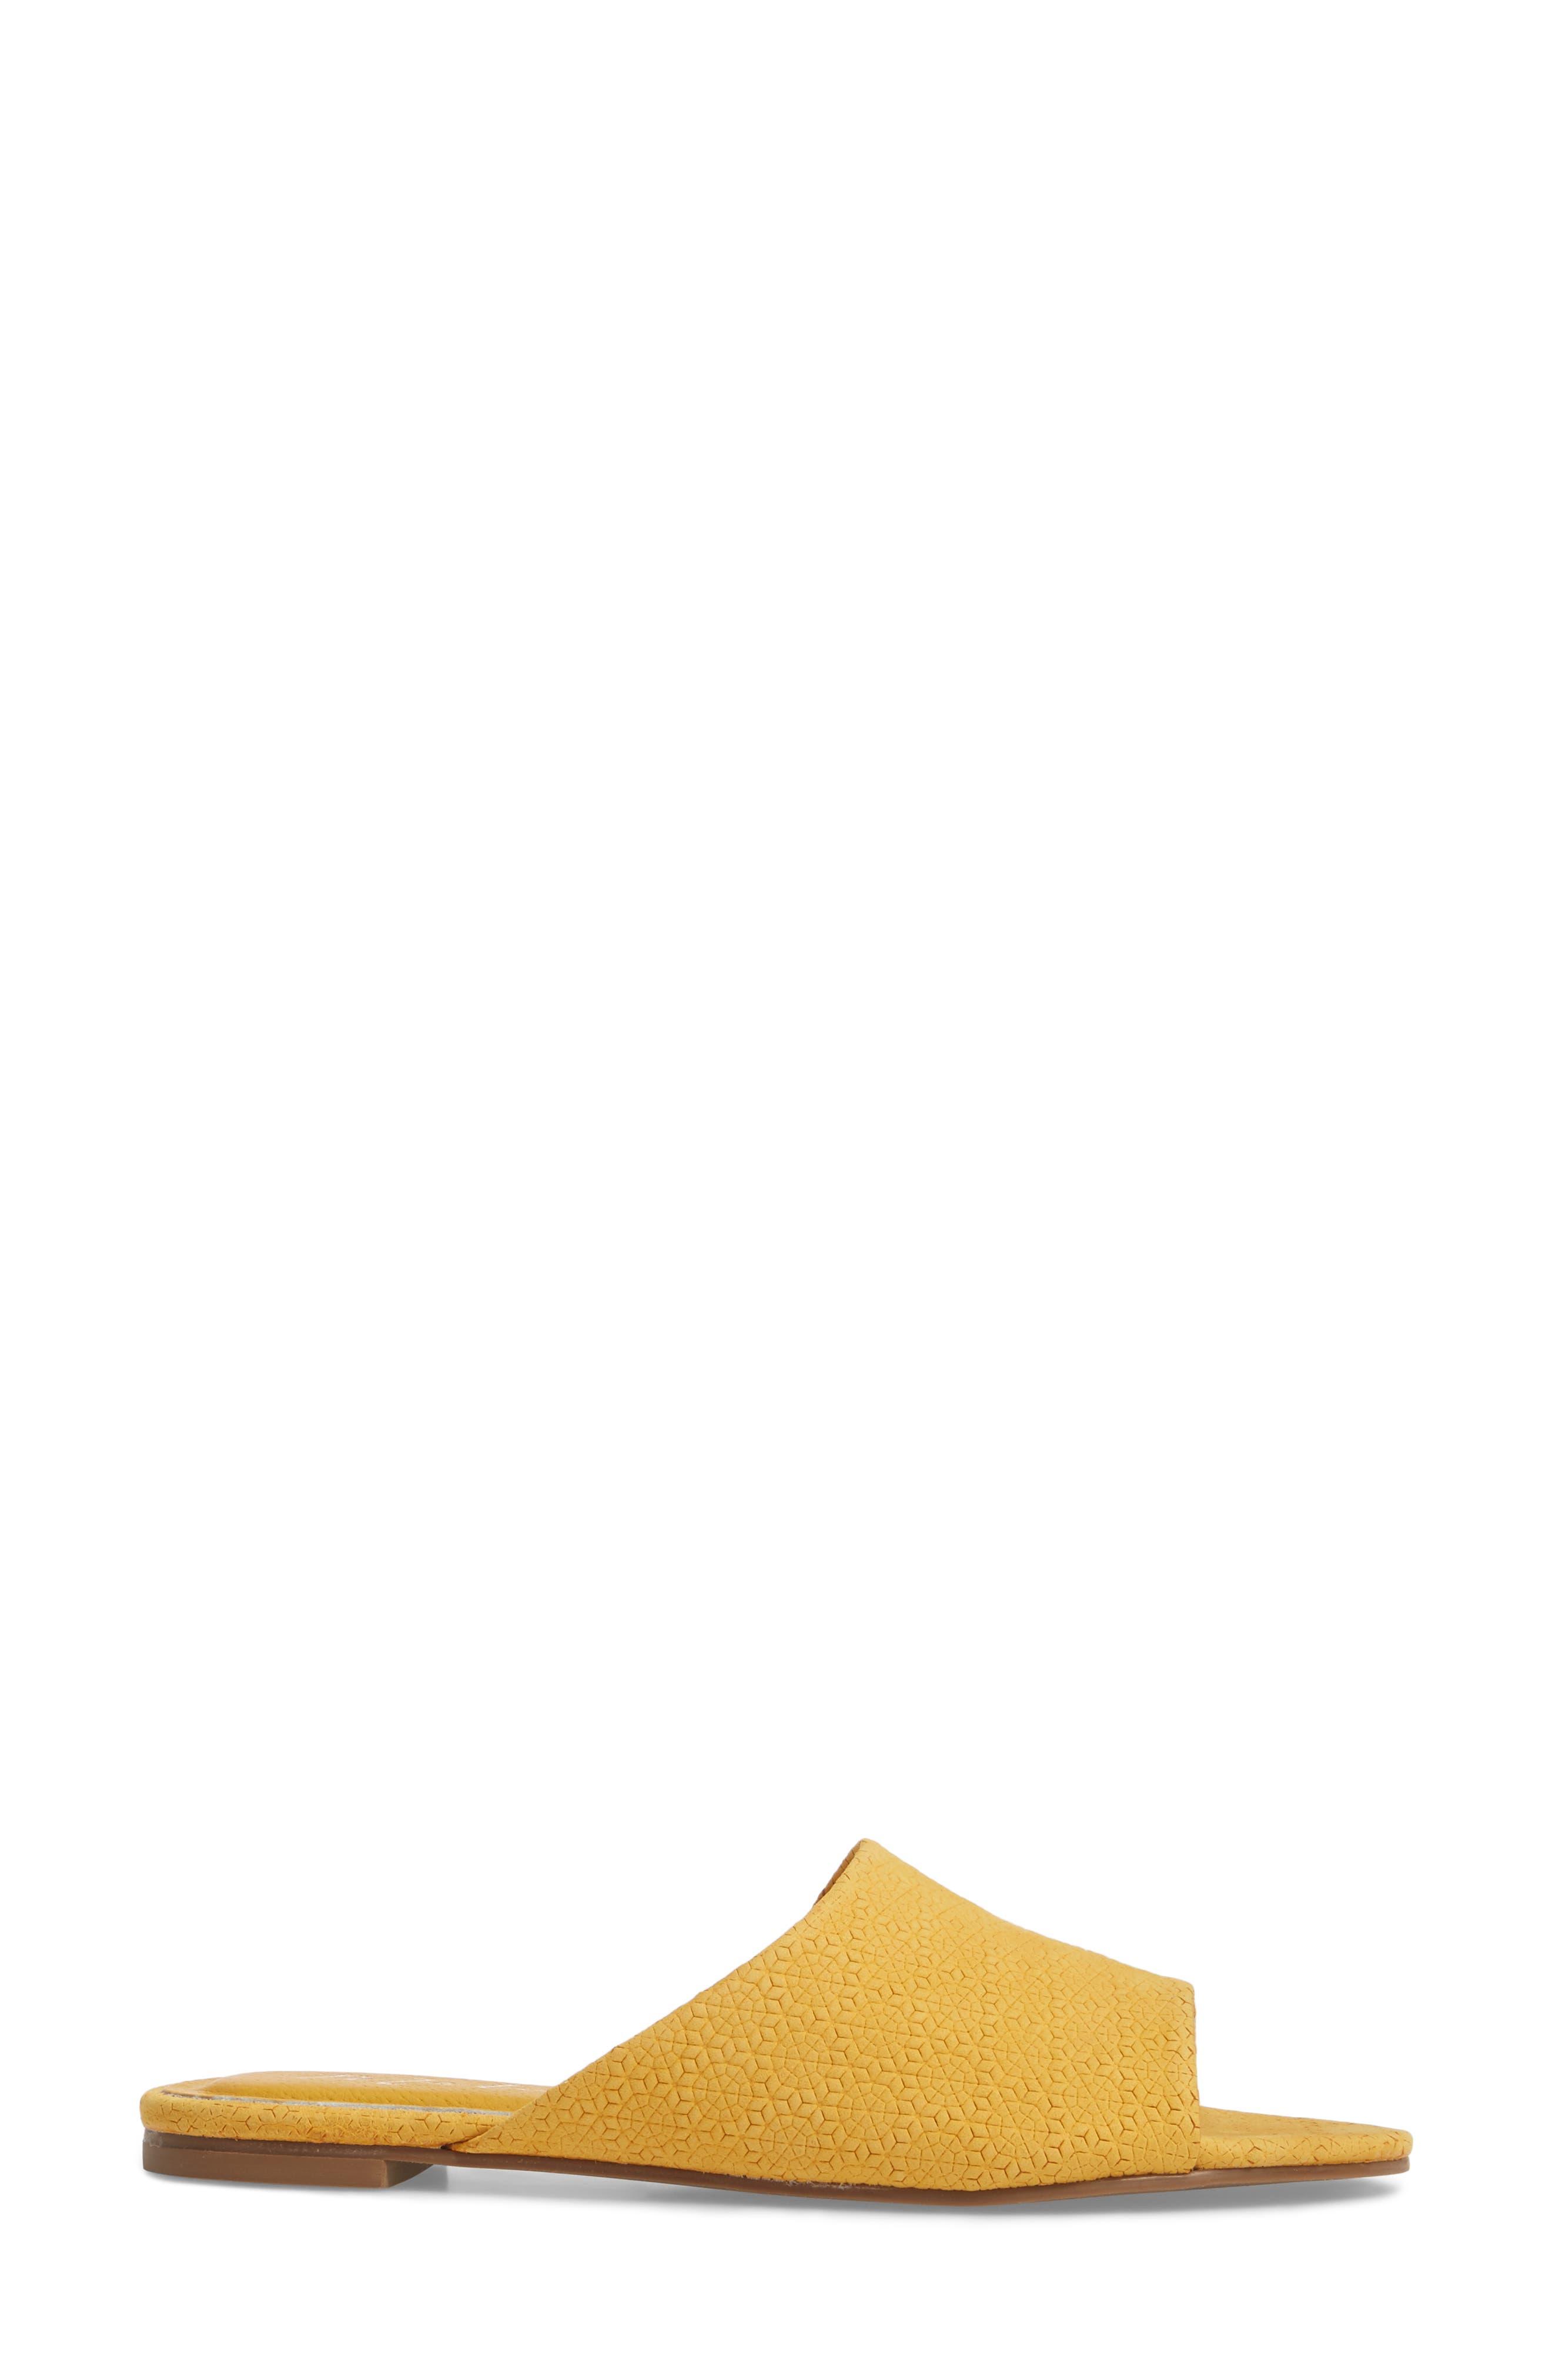 Lira Sandal,                             Alternate thumbnail 3, color,                             Mango Leather